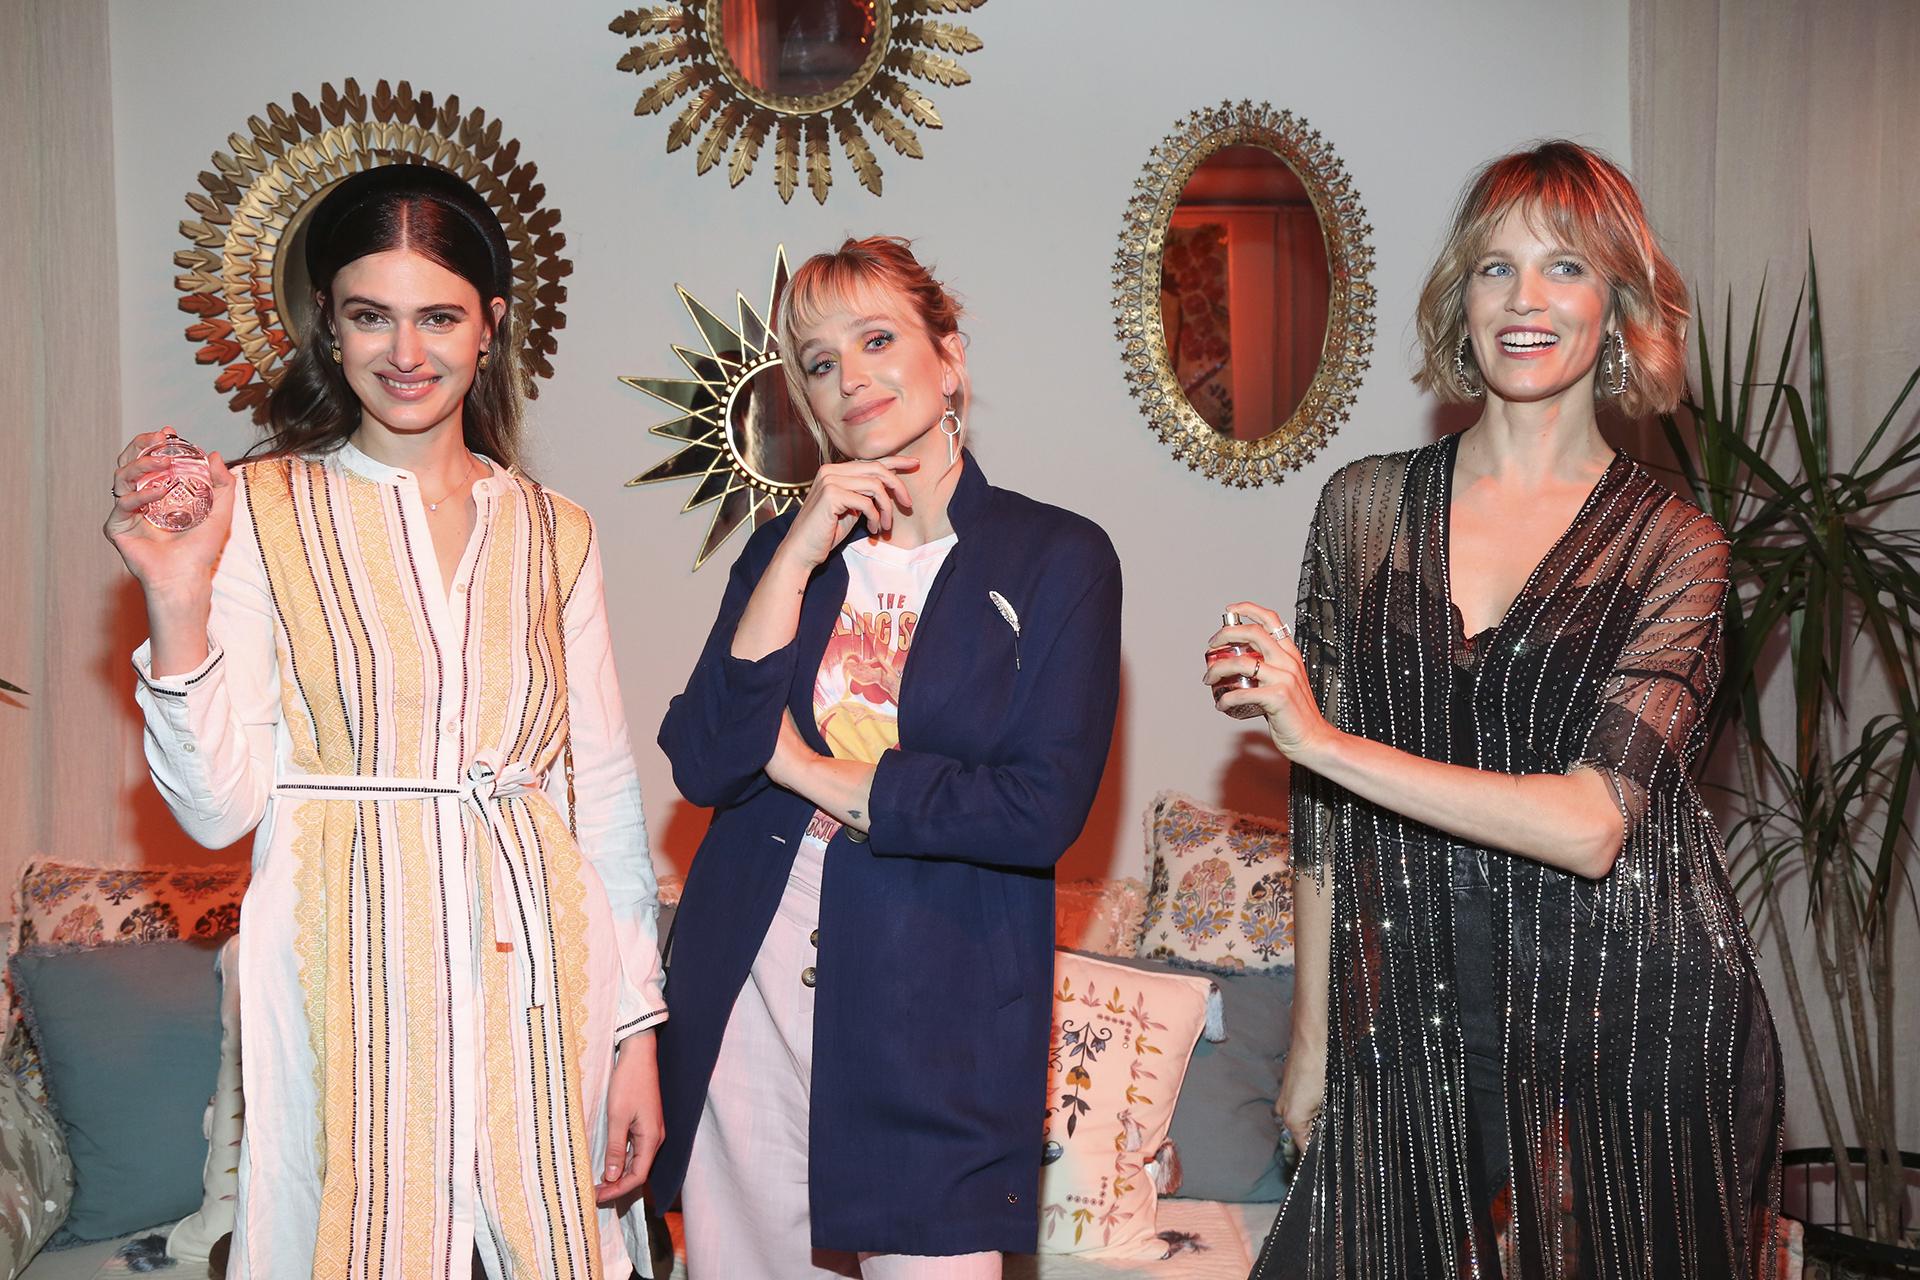 Mia Flores Pirán, Brenda Gandini y Liz Solari perfumándose con Indie, el nuevo perfume deRapsodia